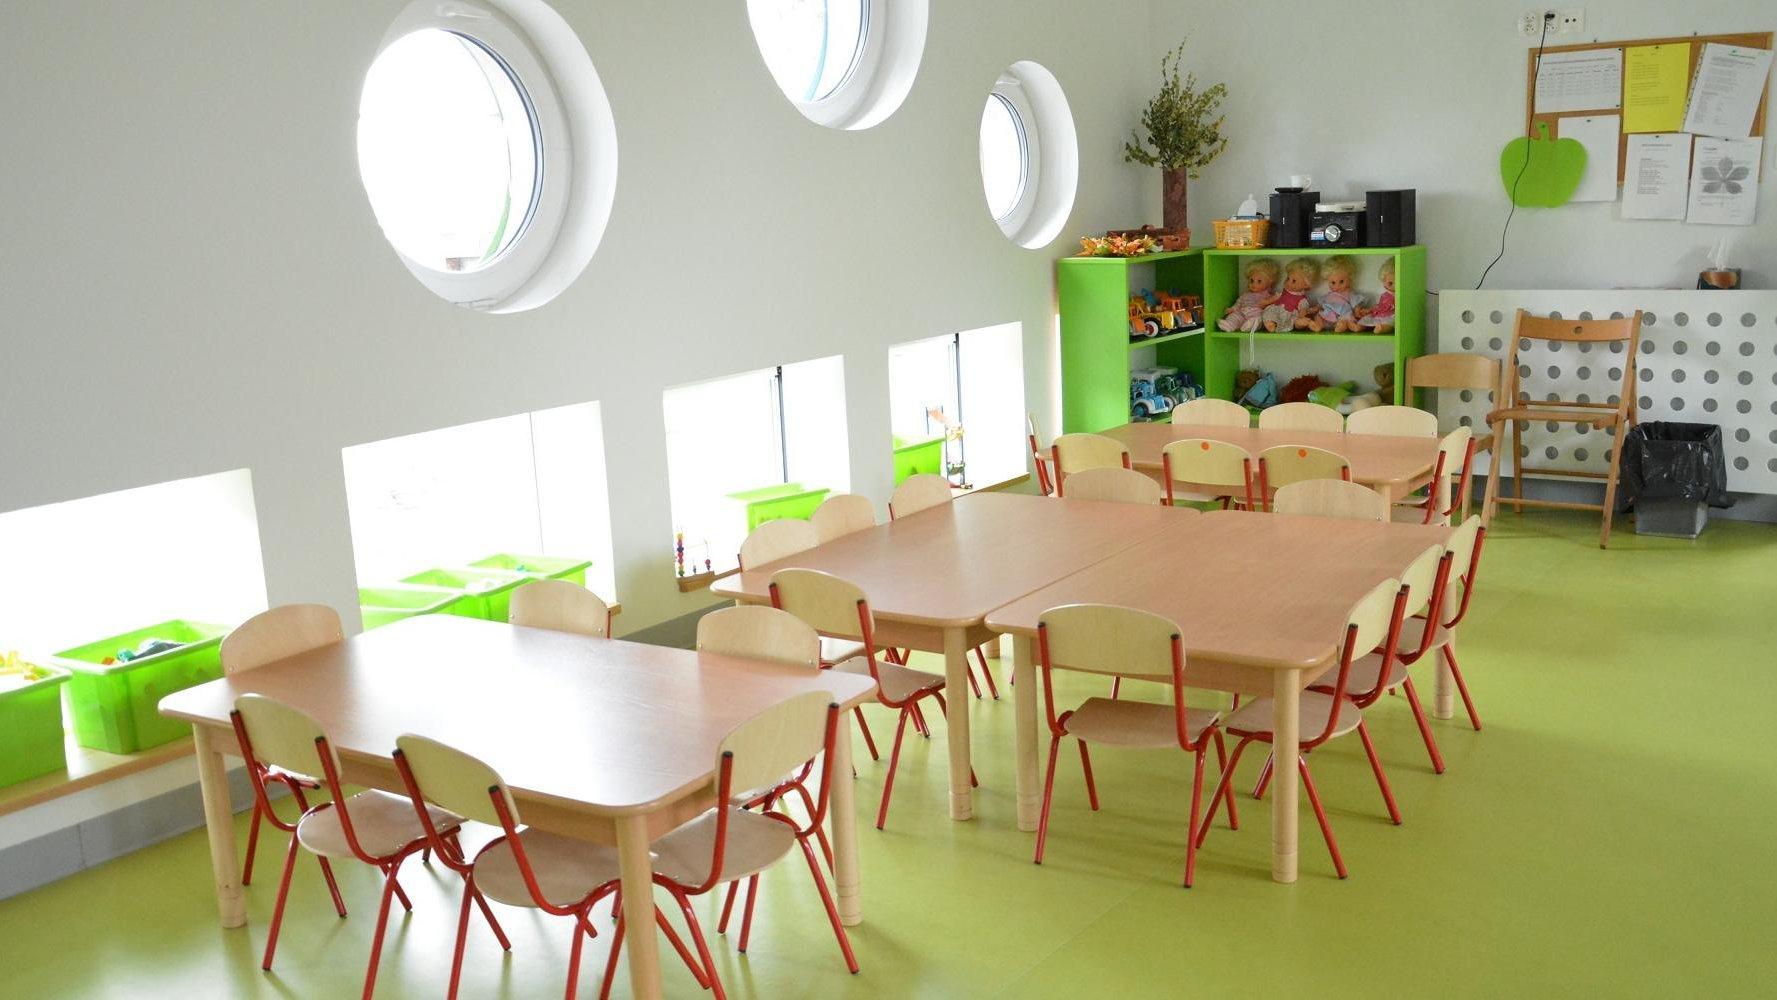 W poniedziałek, 25 maja otwarte zostaną poznańskie przedszkola i żłobki